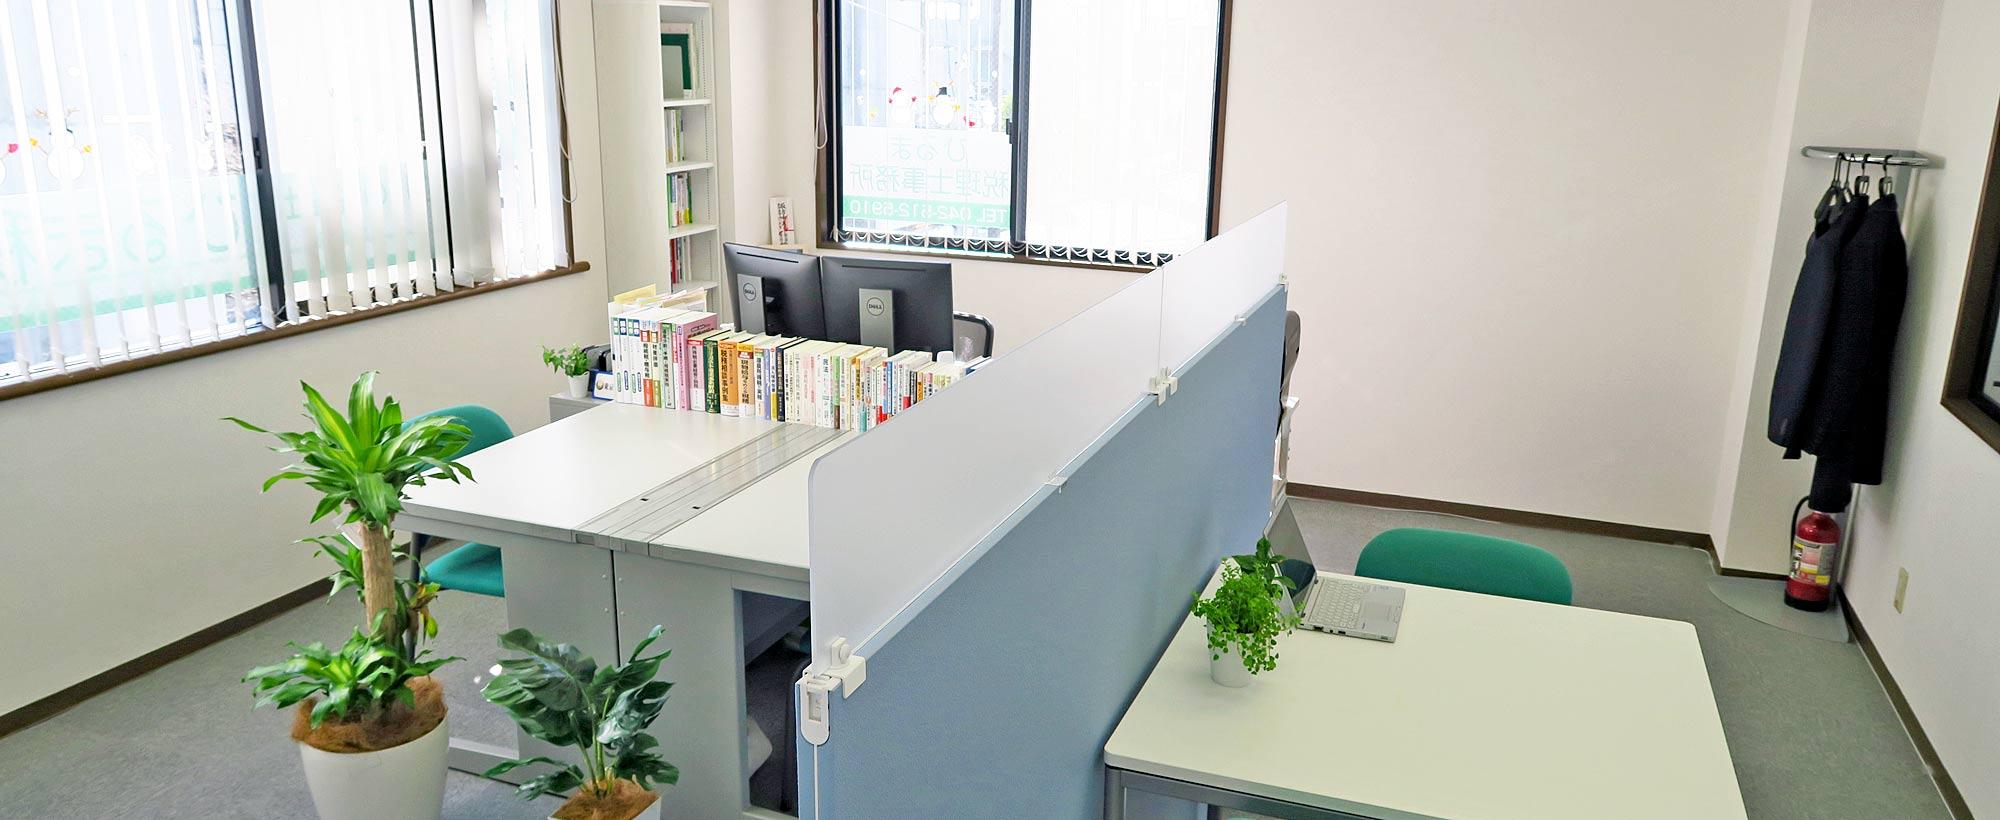 ひるま税理士事務所 事務所内